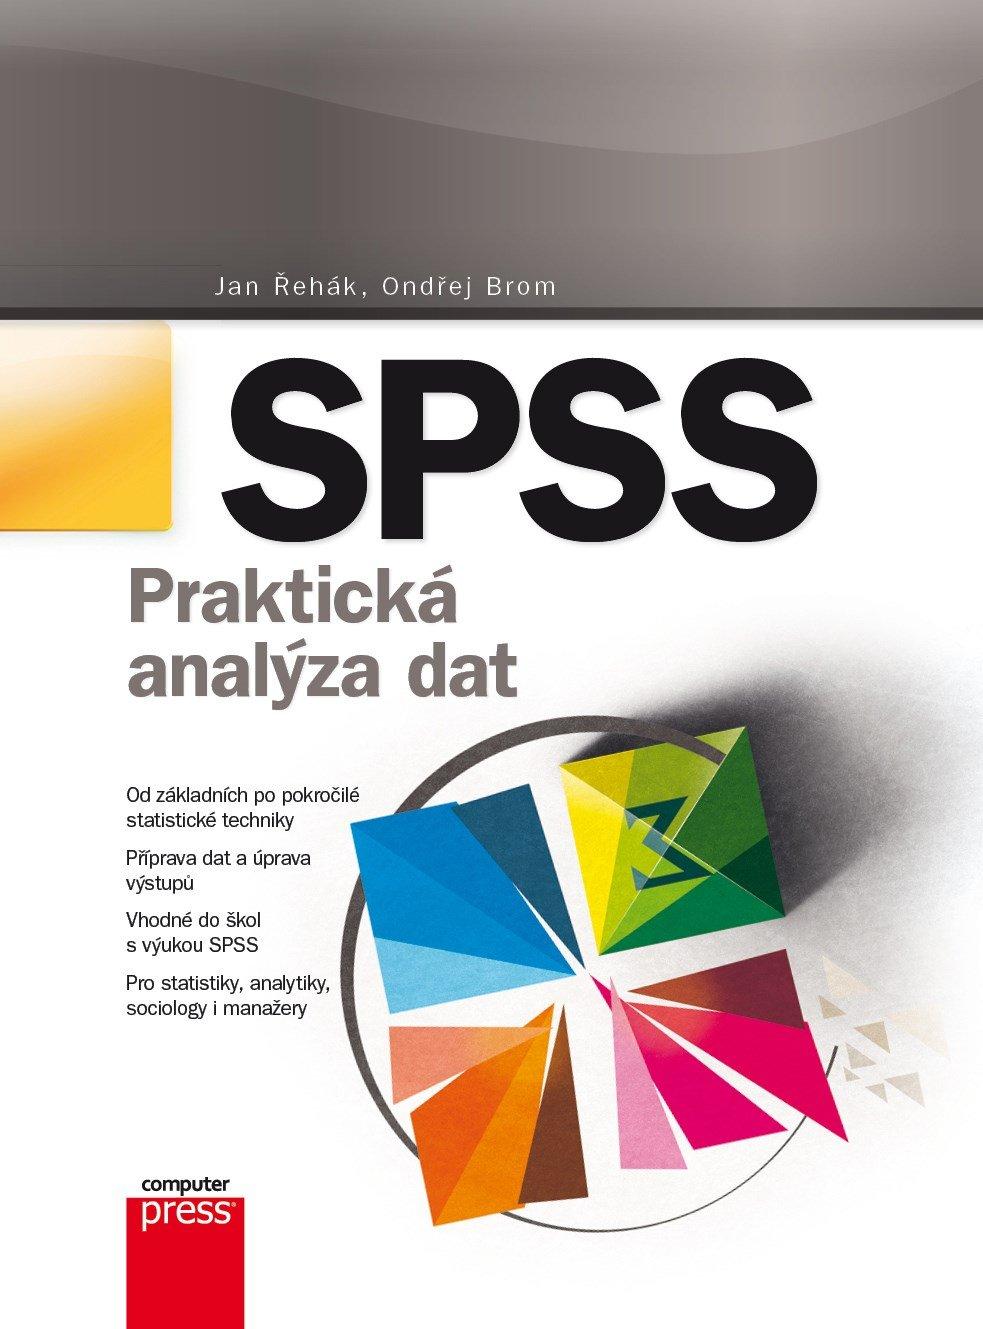 SPSS - Jan Řehák, Ondřej Brom